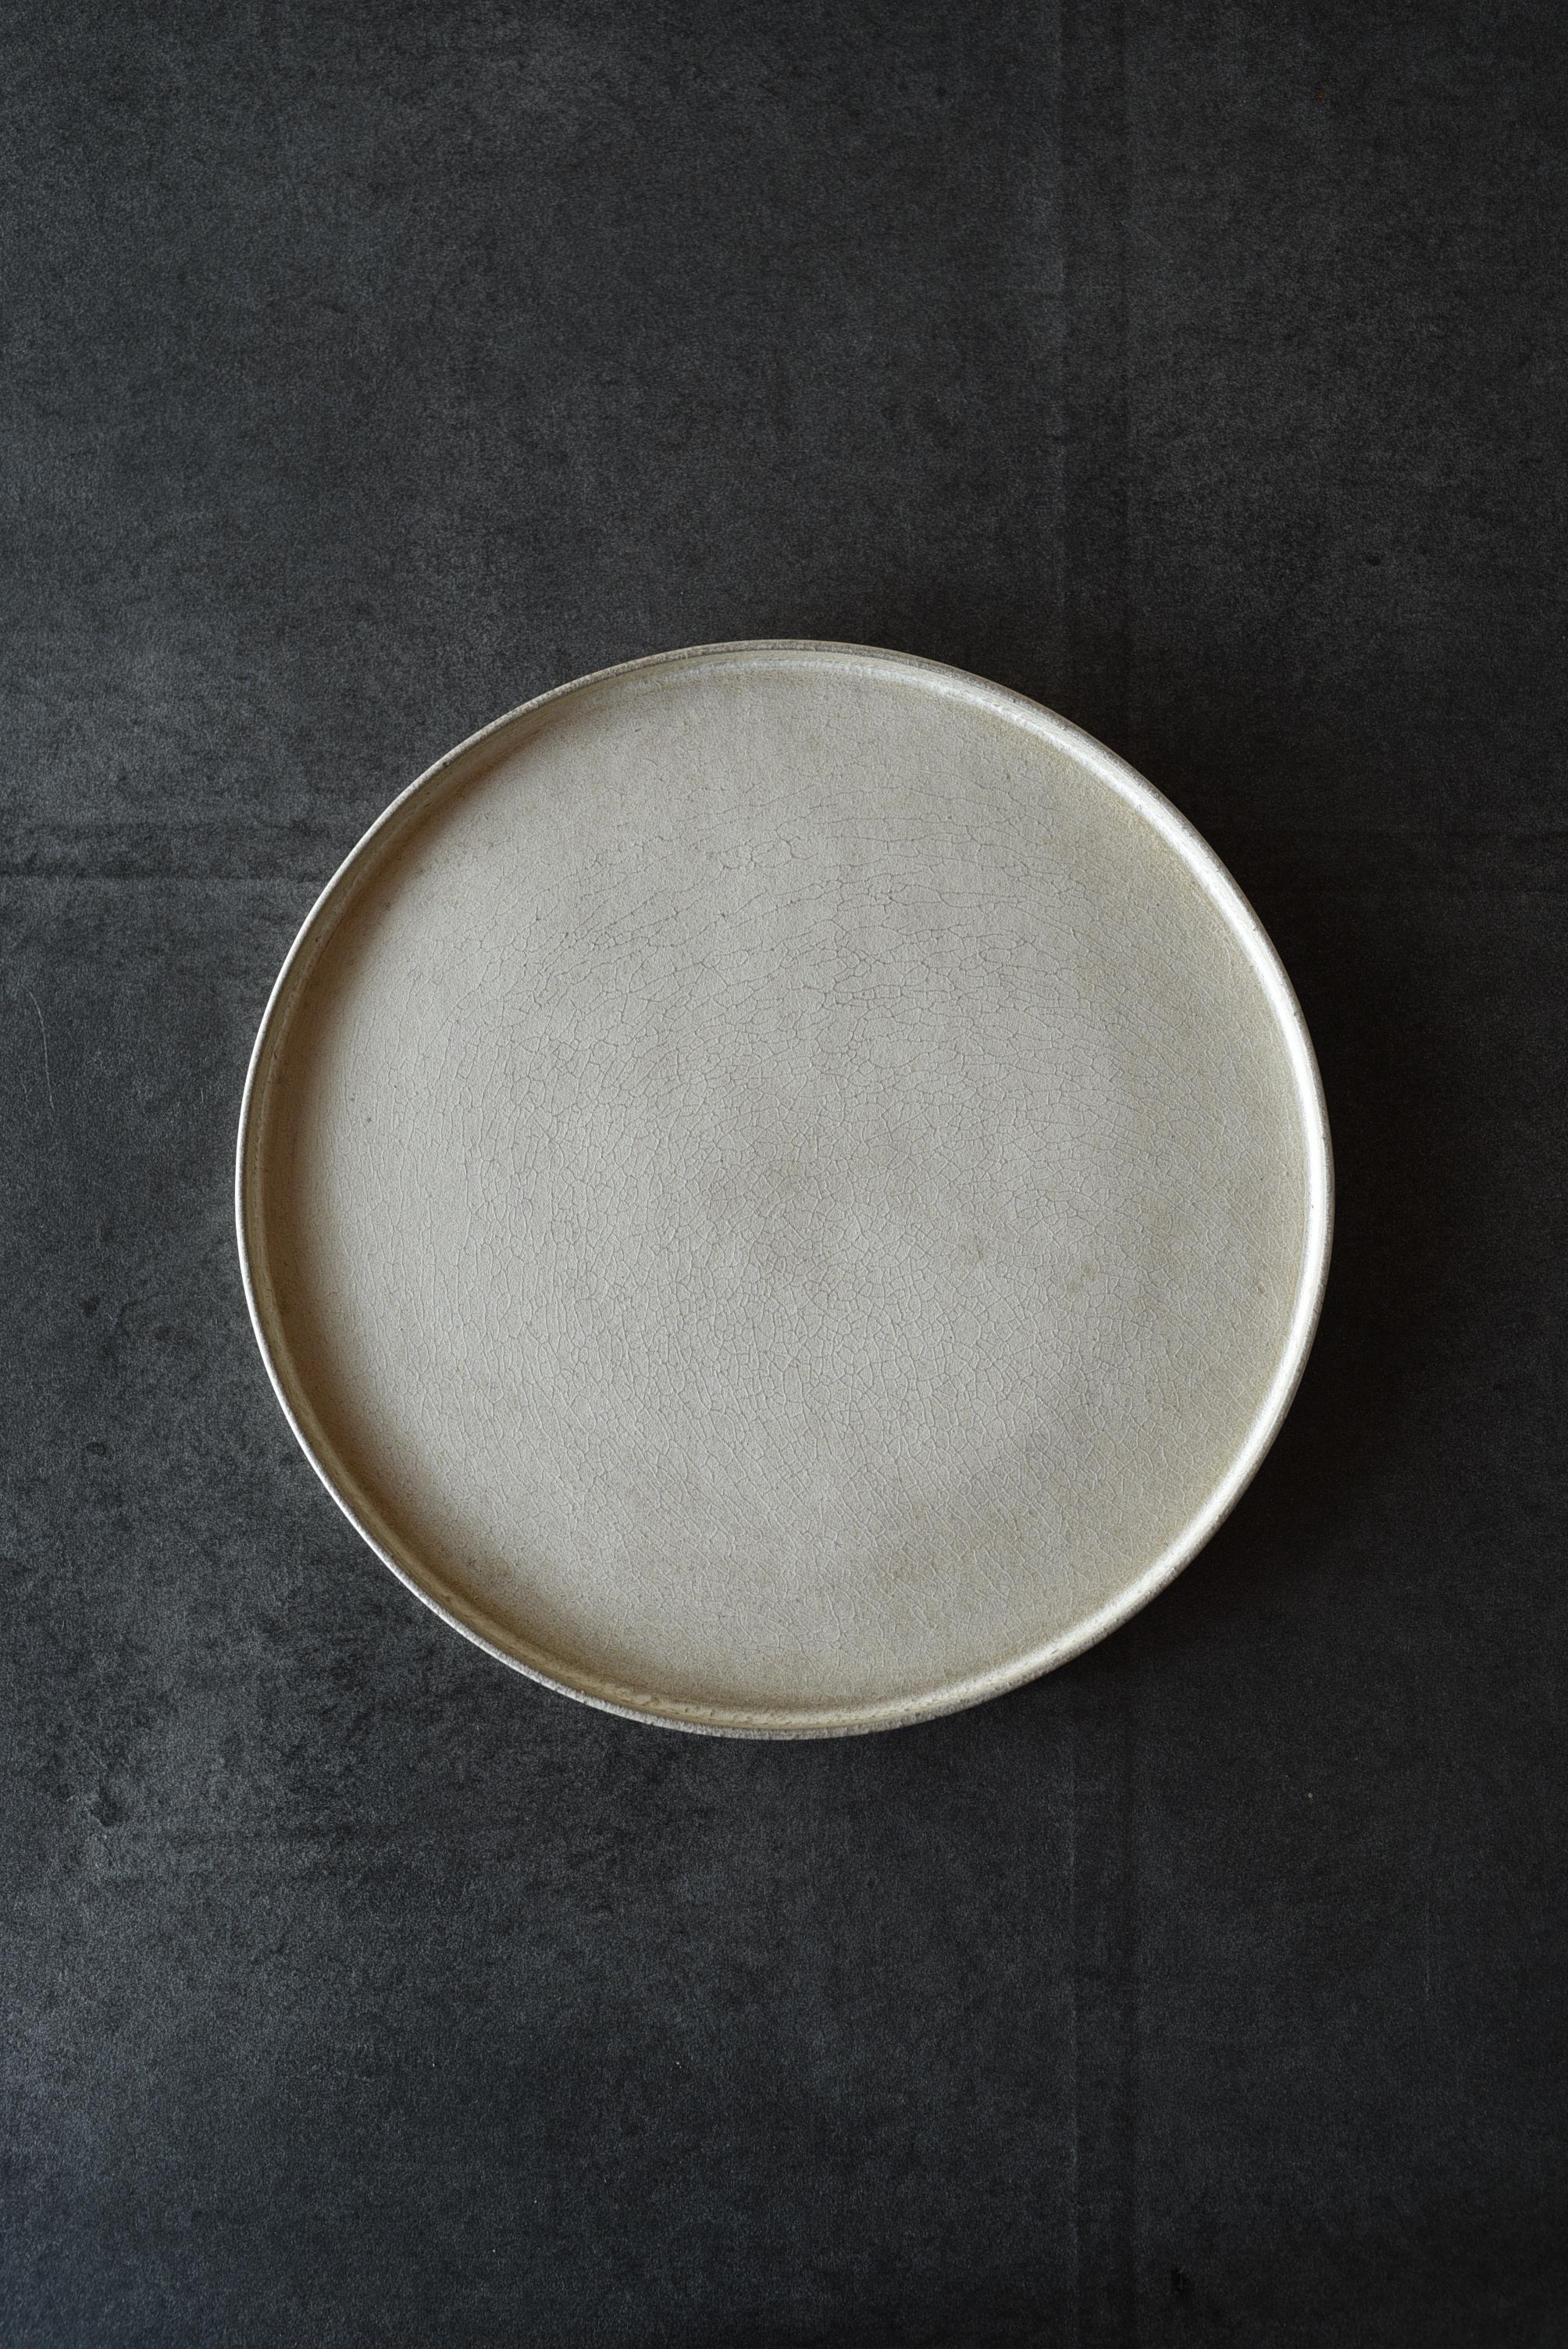 瀬川辰馬 硫化銀彩プレート大シルバー-s3